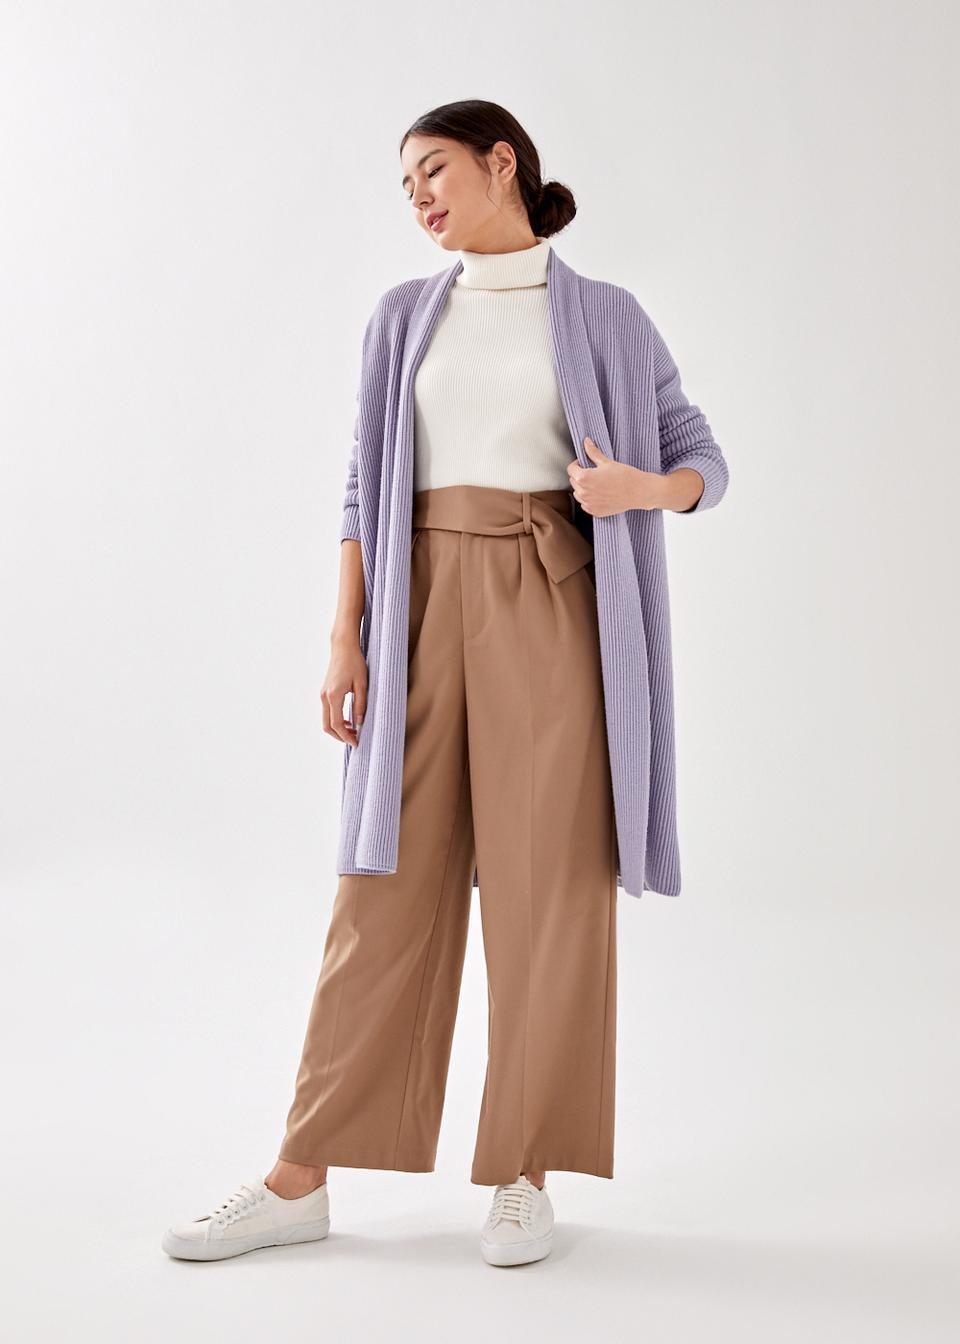 軟綿又療癒的粉紫色針織外套